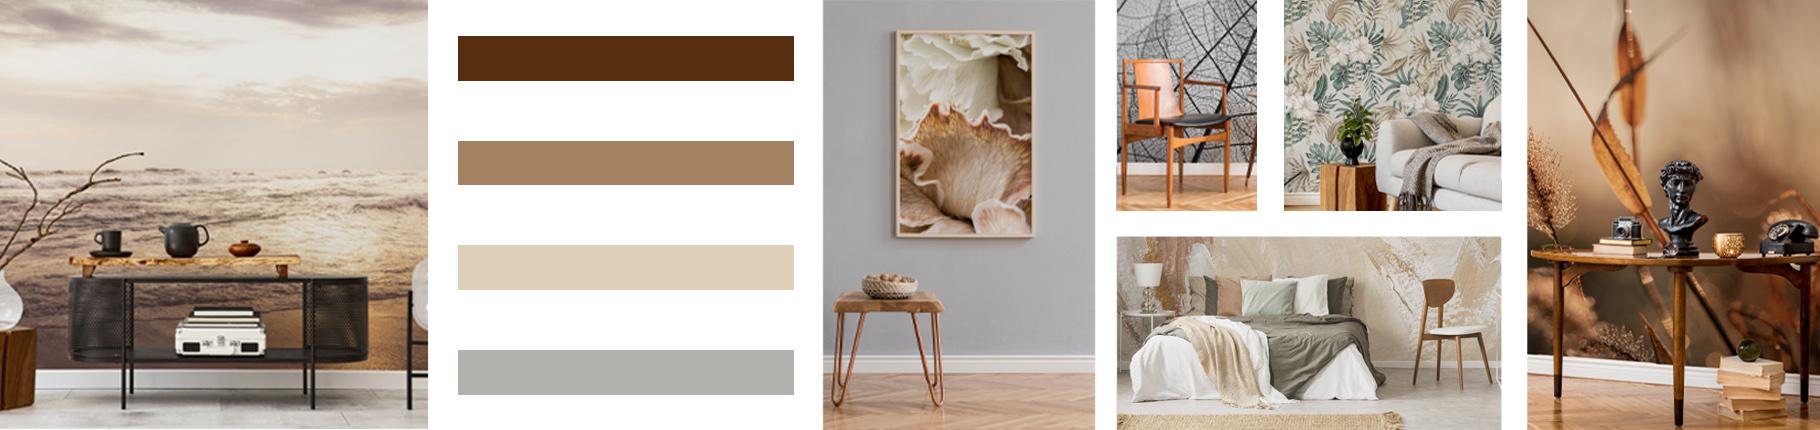 ¿Cómo elegir una decoración de pared?